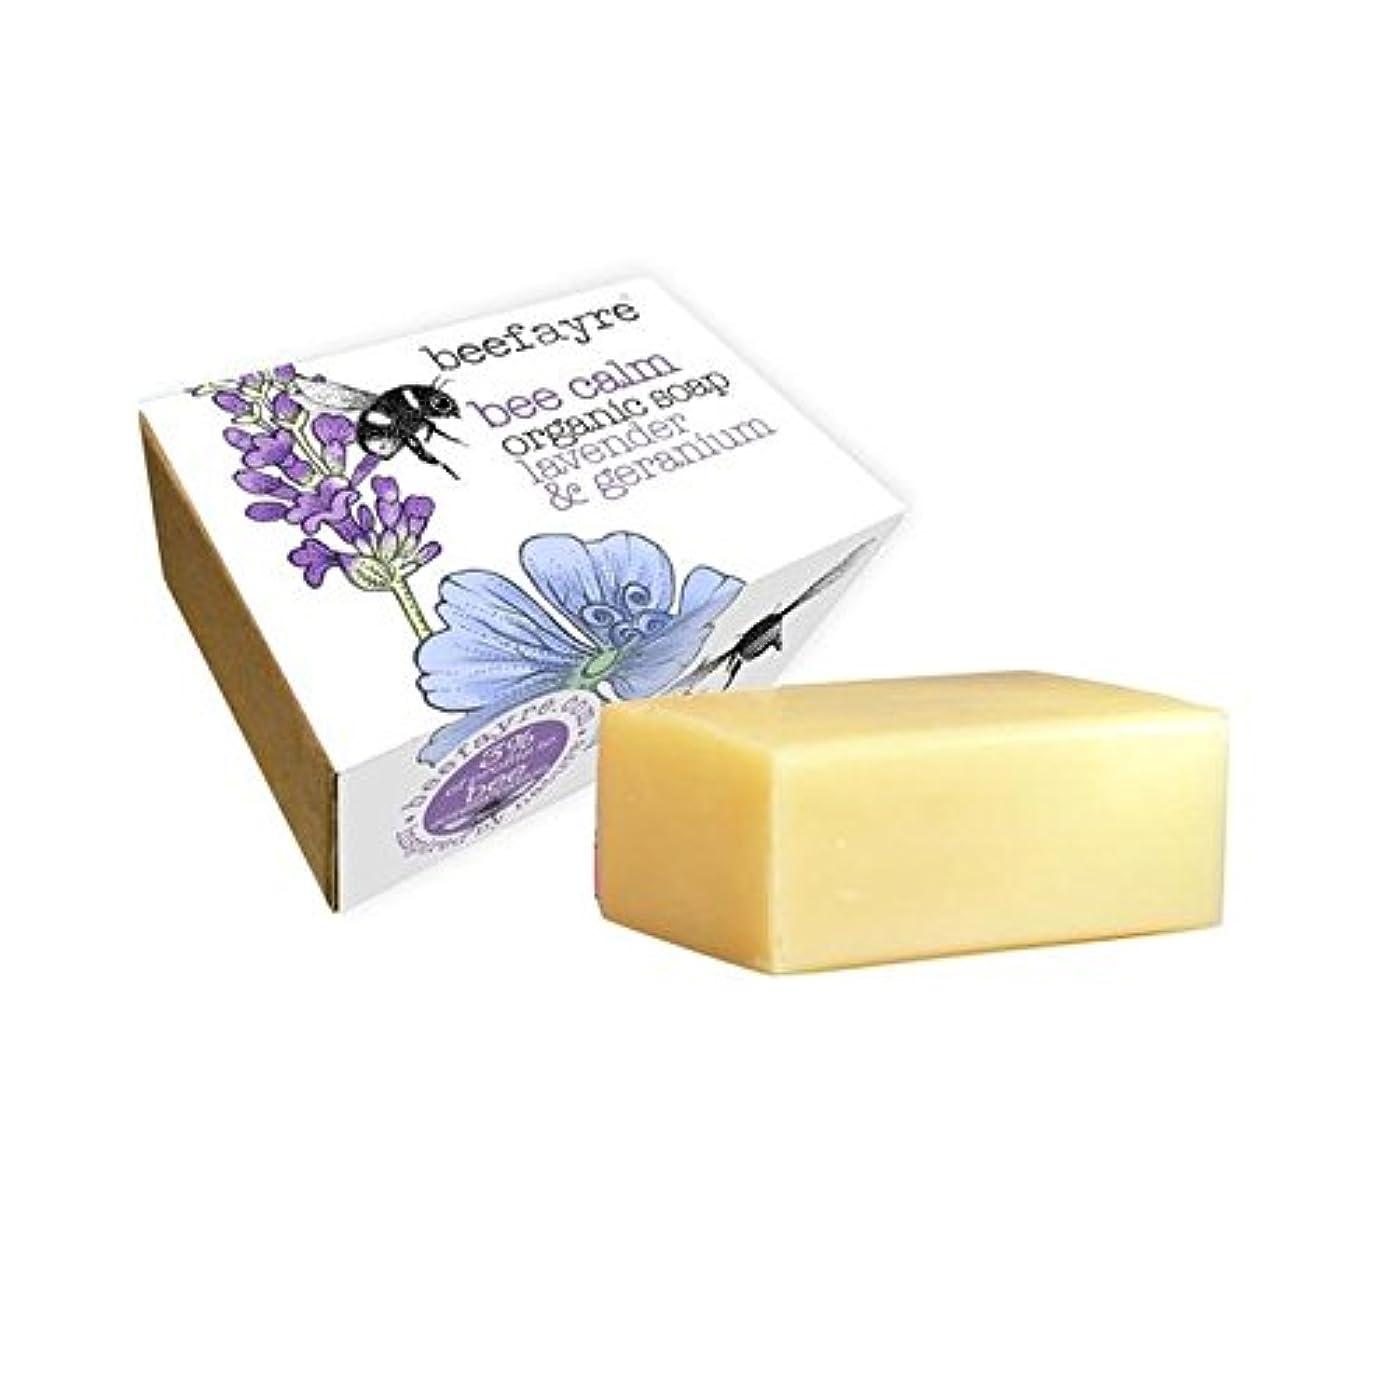 復讐要塞アンカー有機ゼラニウム&ラベンダー石鹸 x2 - Beefayre Organic Geranium & Lavender Soap (Pack of 2) [並行輸入品]